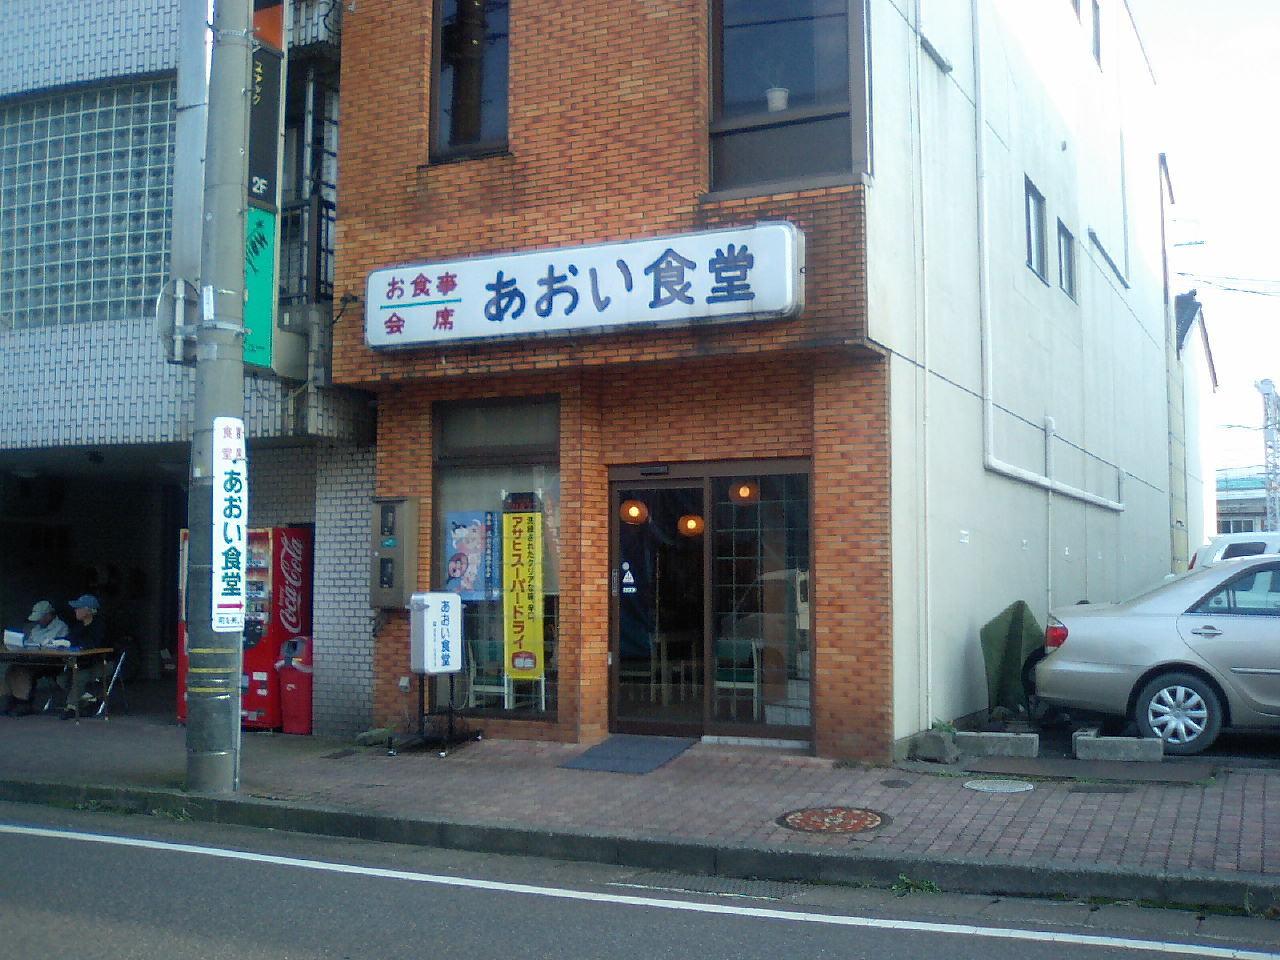 糸魚川市ランチあおい食堂外観